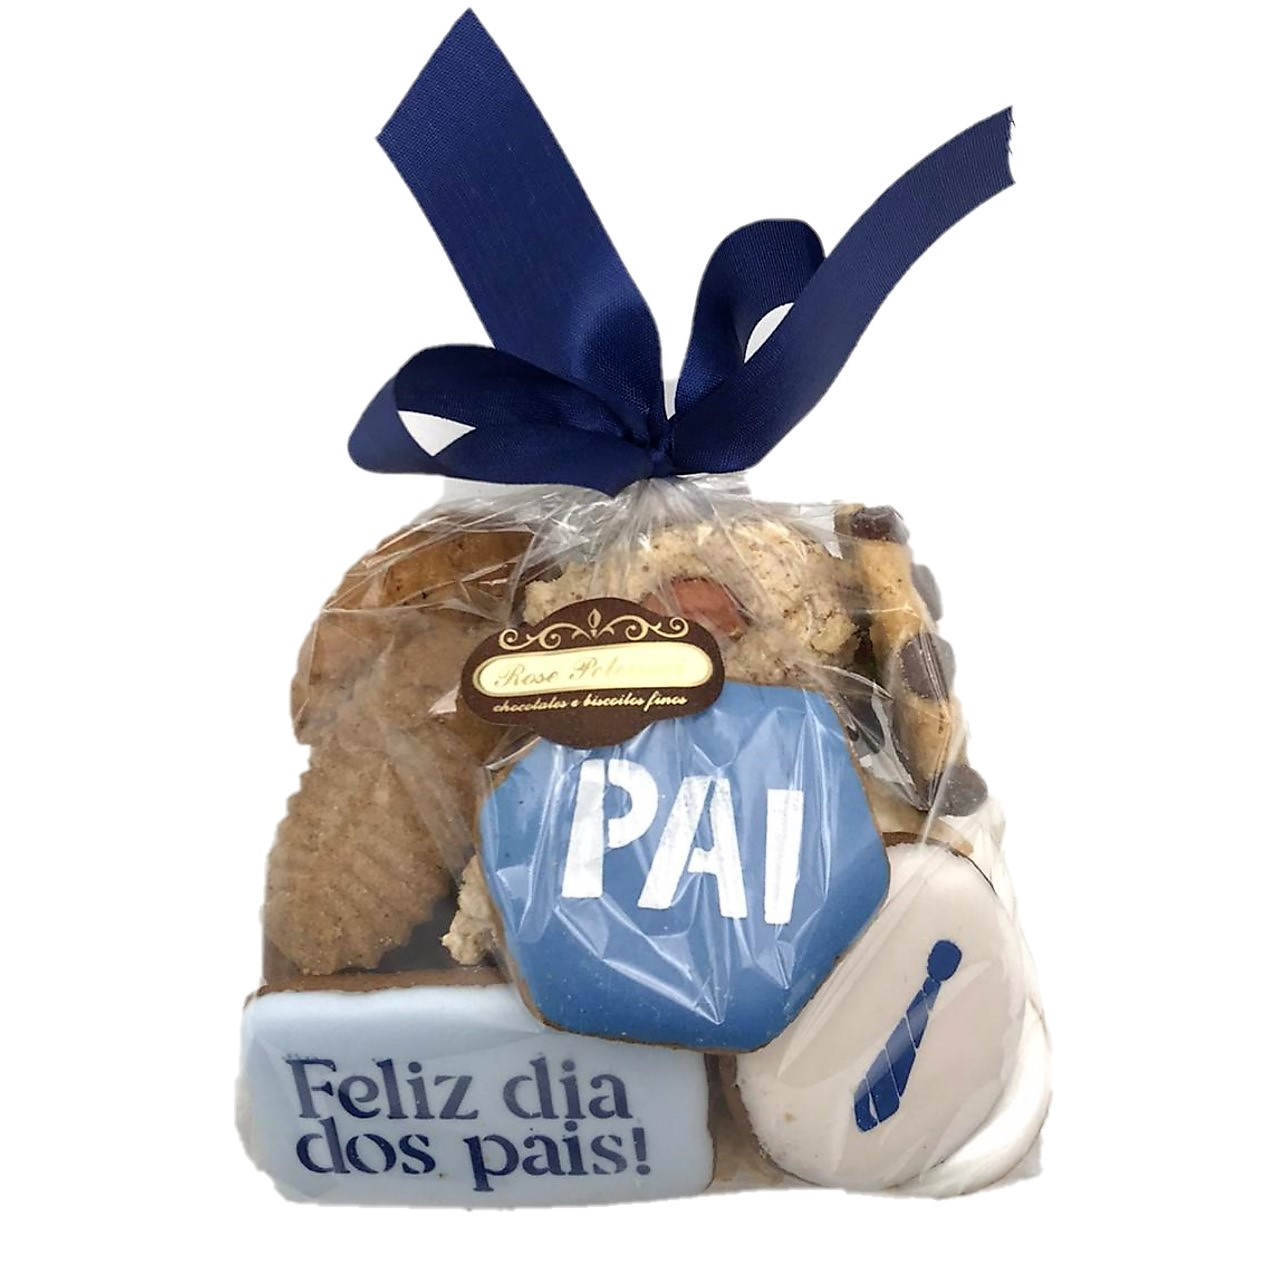 Pacote de Biscoitos Mistos Doces - Pai